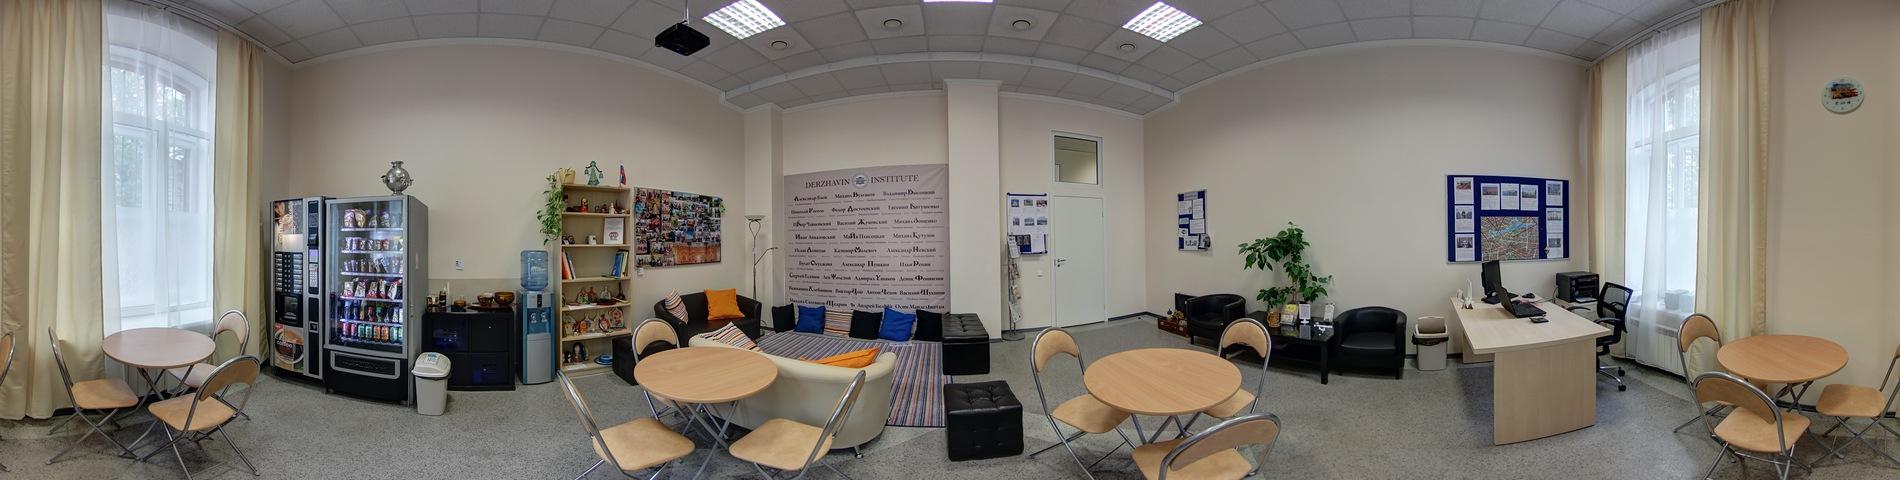 Derzhavin Institute зображення 1